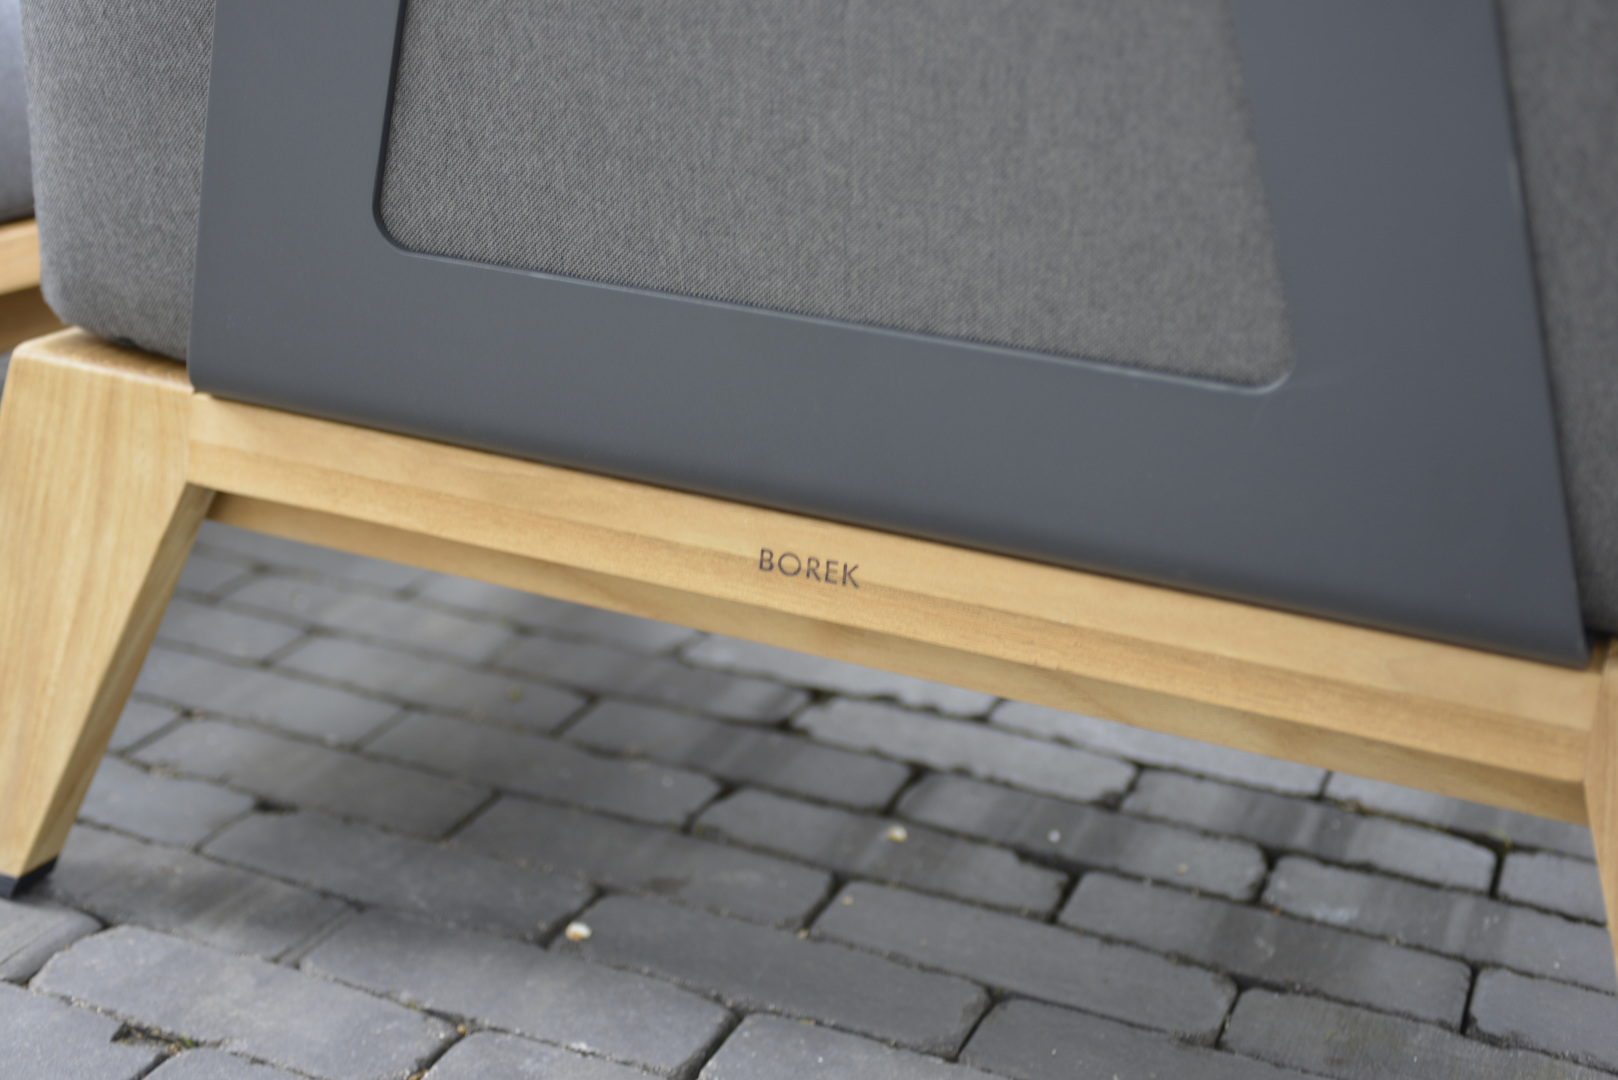 2020 Borek Teak Hybrid low dining chair anthracite Frans van Rens (detail back).jpg